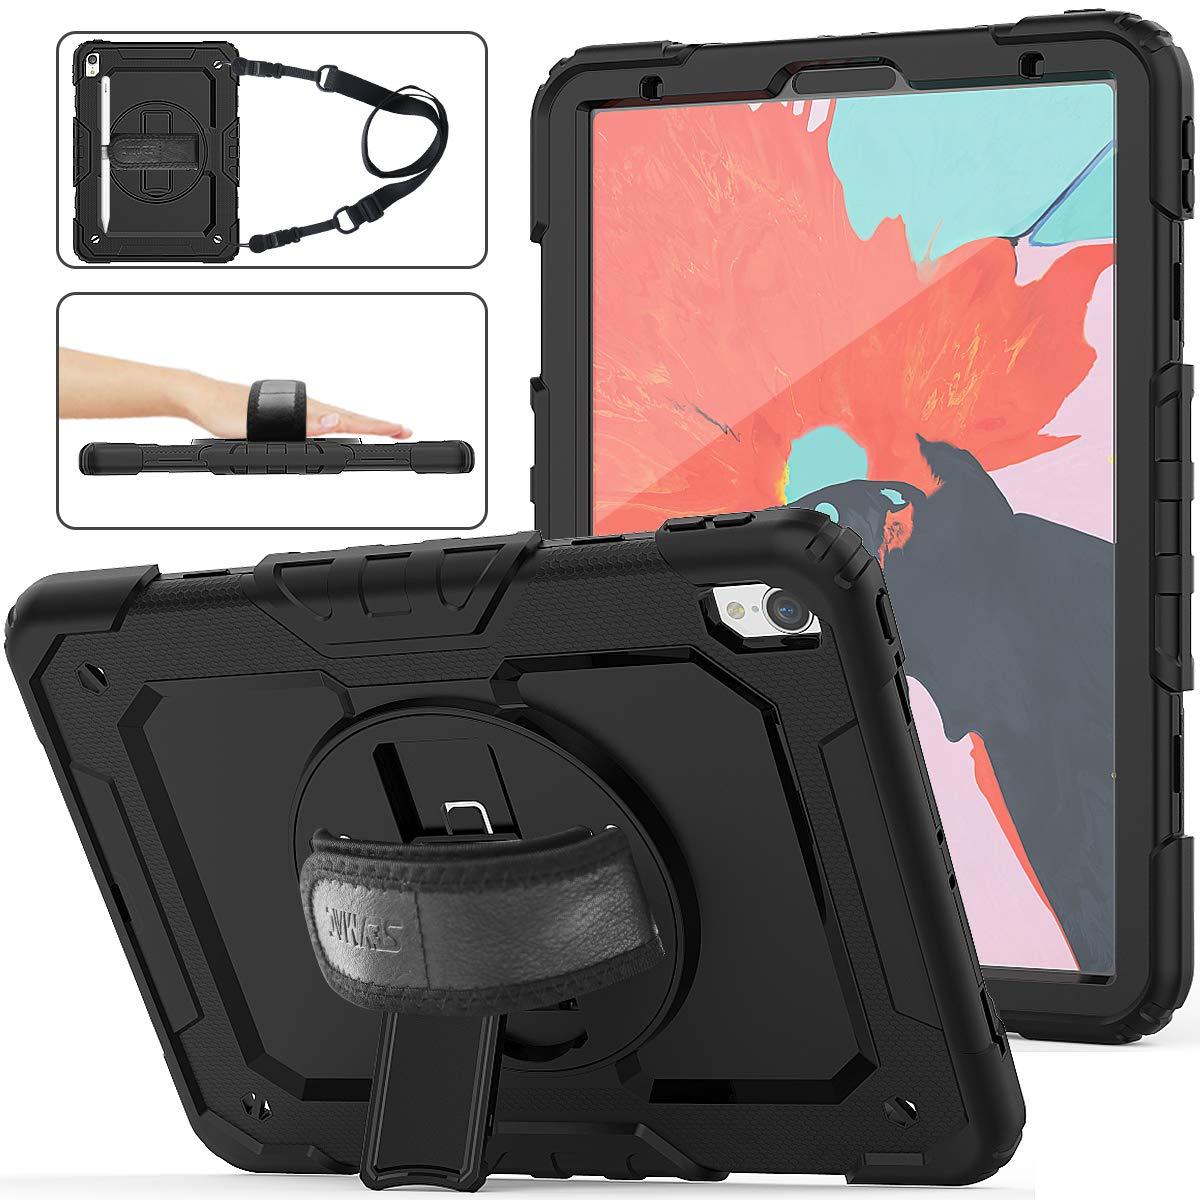 品質保証 SEYMAC 11bl Stock iPad iPad Pro 11ケース 3層ハイブリッド落下保護ケース [360度回転スタンド] ハンドストラップ & Y2SD-Pro [スタイラスペンホルダー] スクリーンプロテクター iPad Pro 11インチ 2018 A1934/A1980/A2013用 Y2SD-Pro 11bl B07NJL5SCC, 茶道具専門店 松風園まつの:c9cbdb68 --- senas.4x4.lt